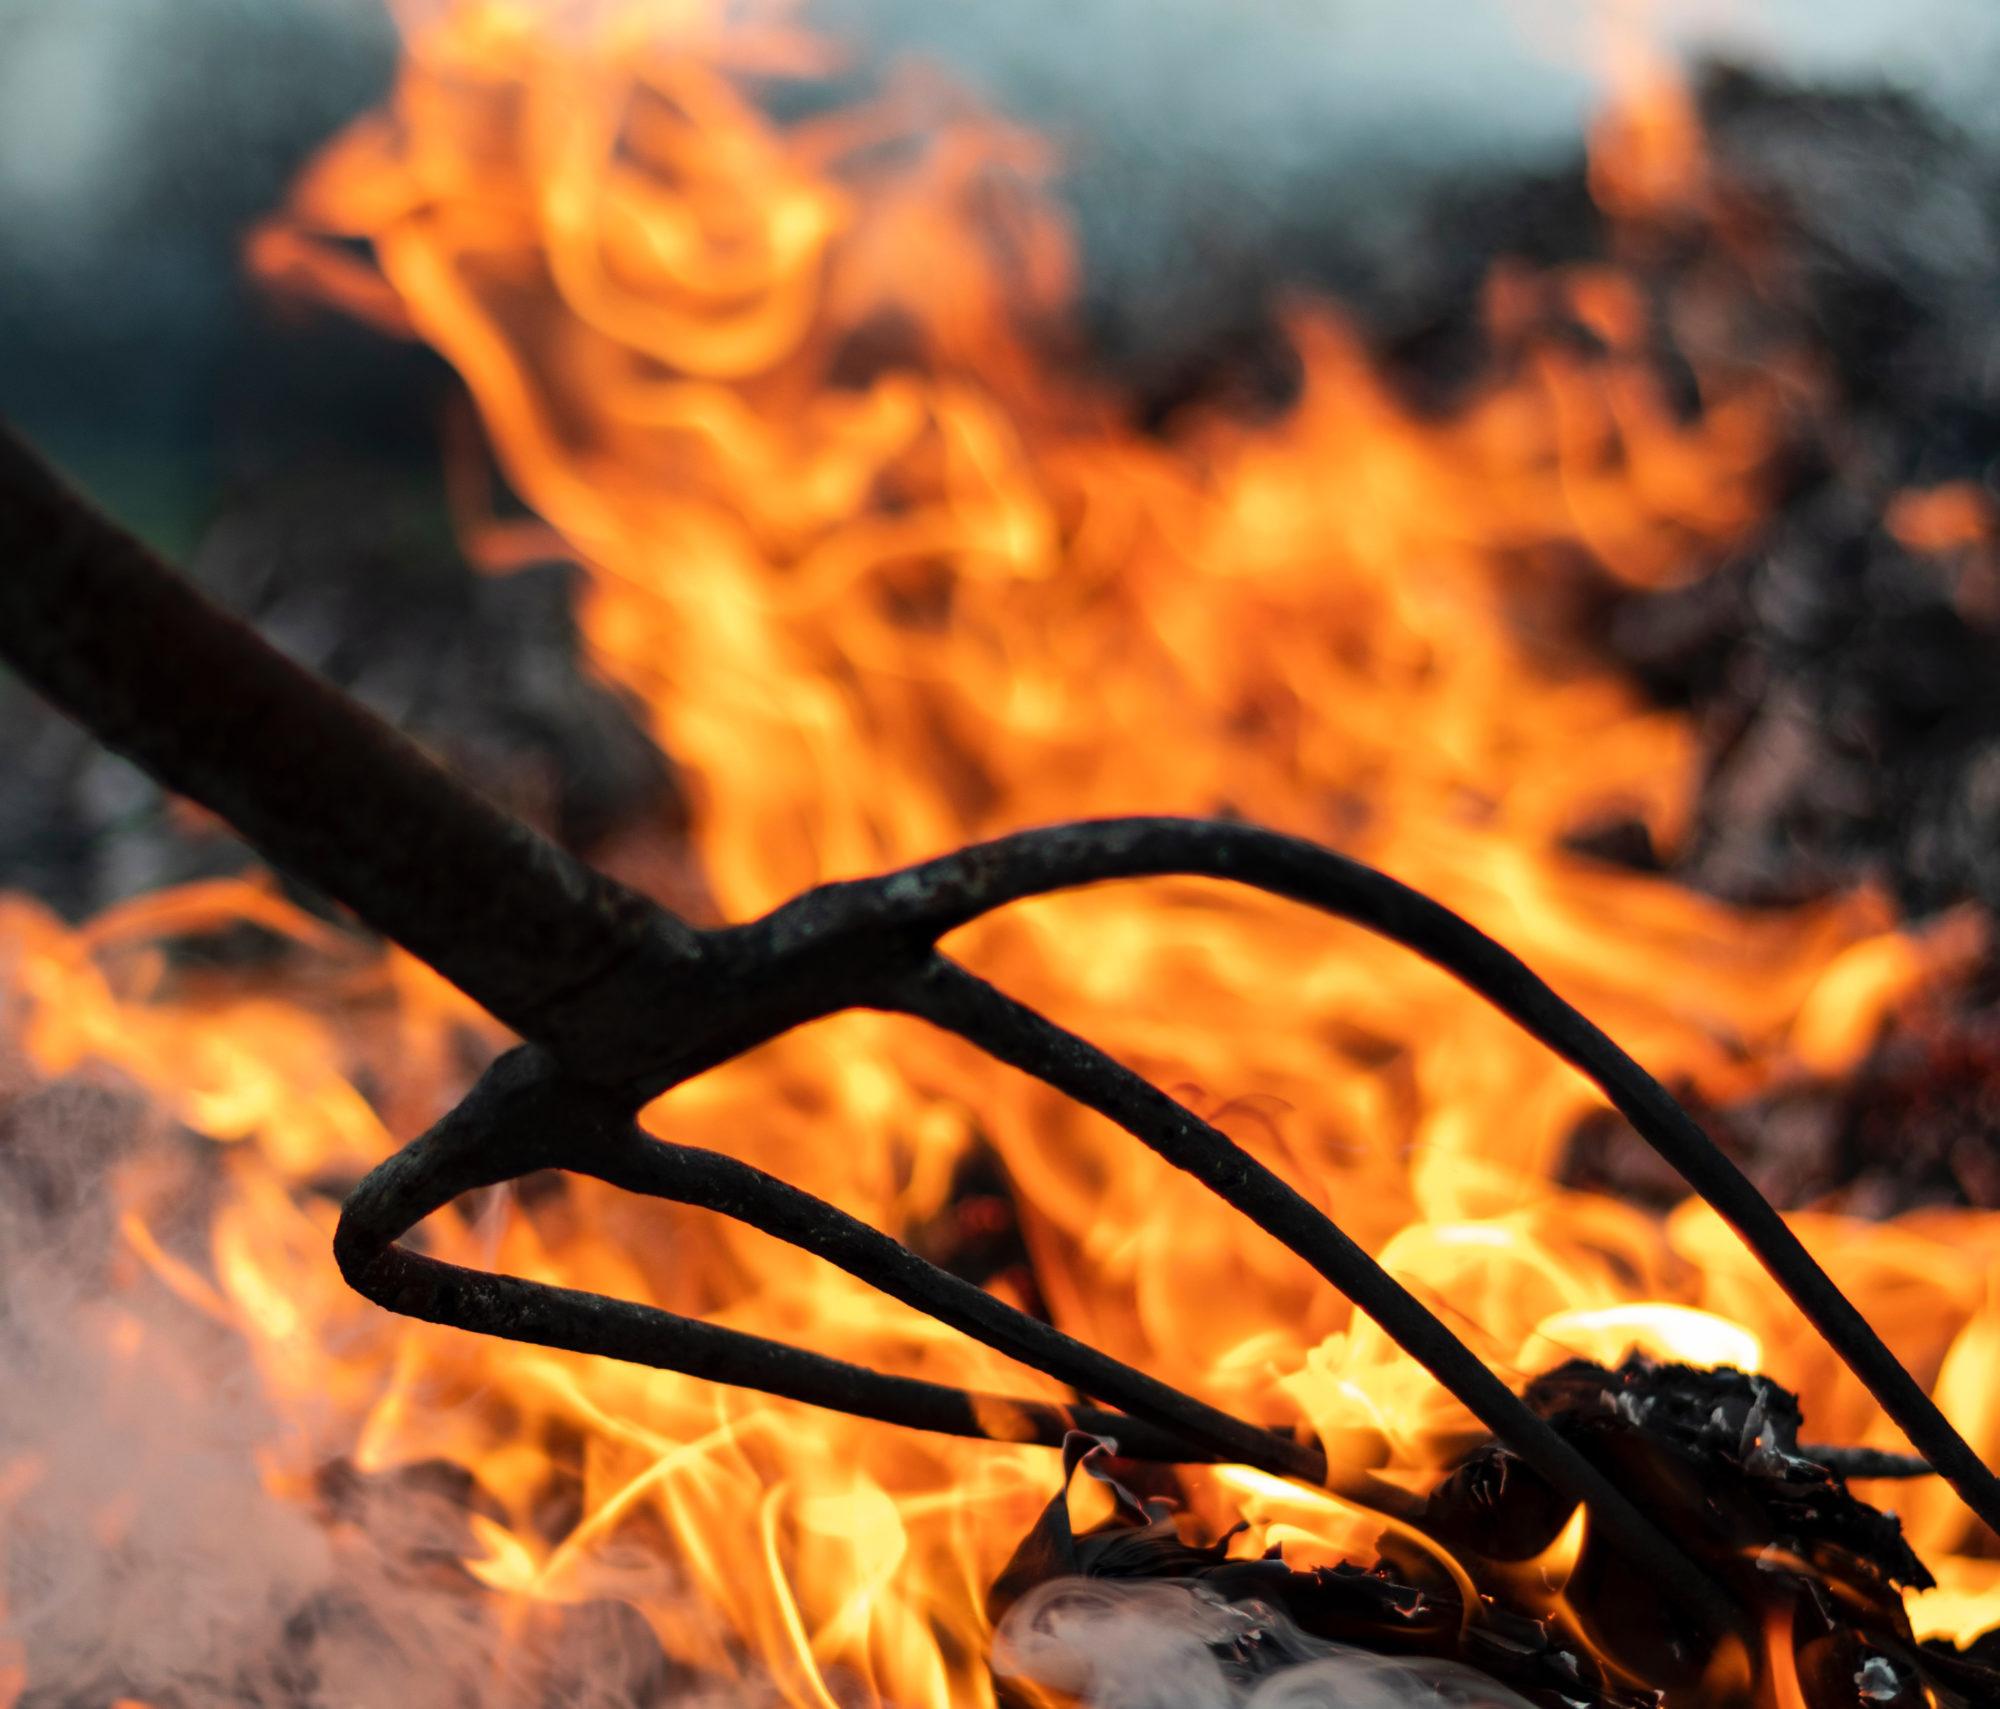 Concello de Muras | Permisos para queimas |